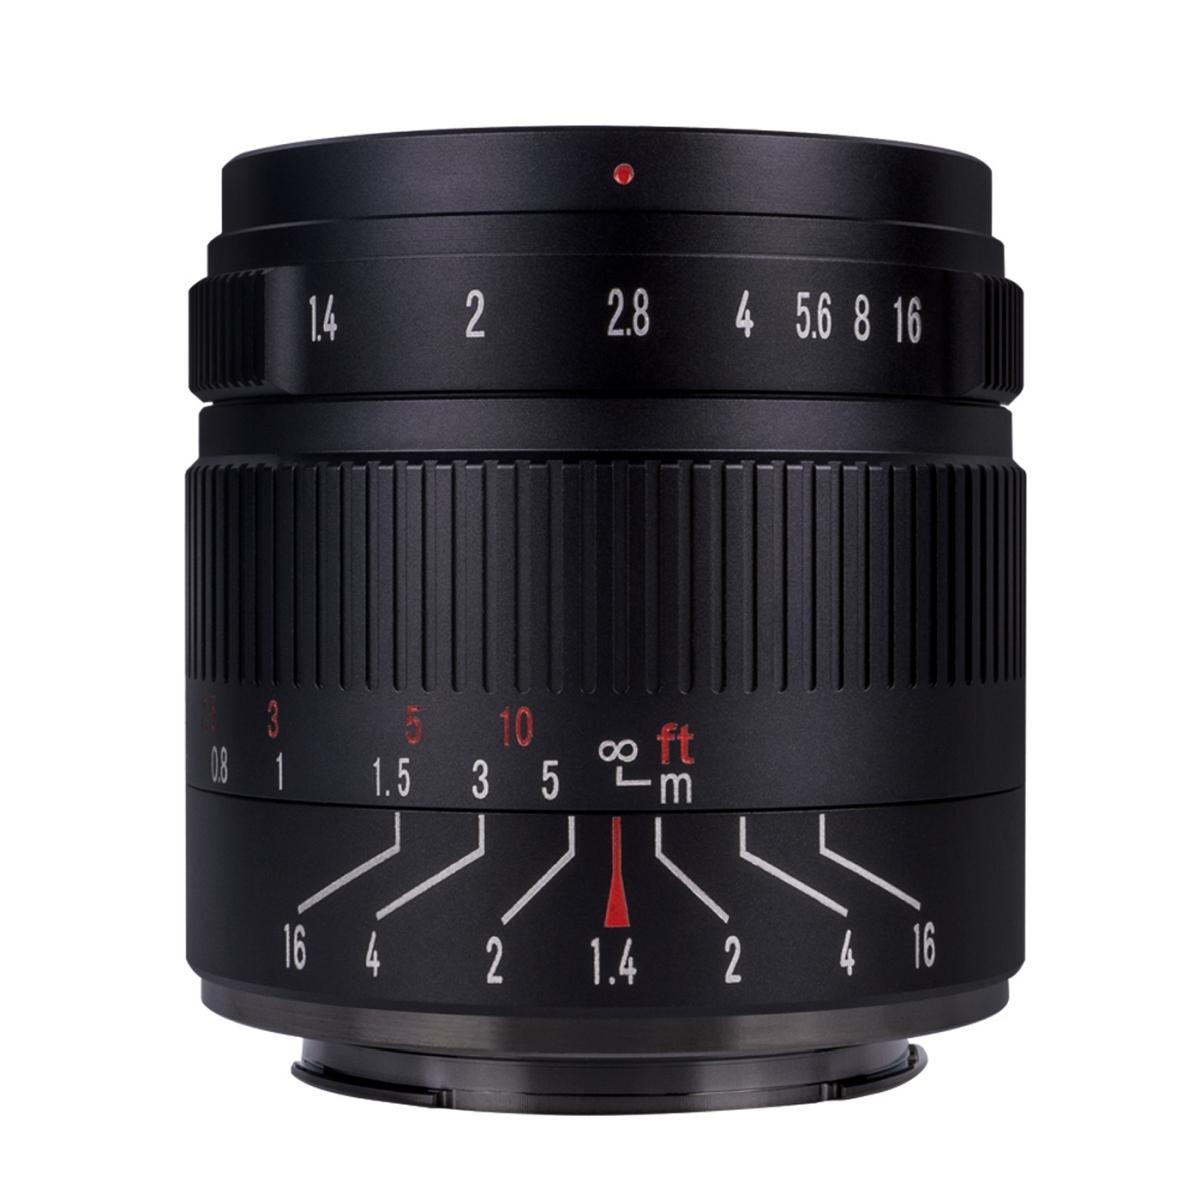 7Artisans 55 mm 1:1,4 II für Nikon Z